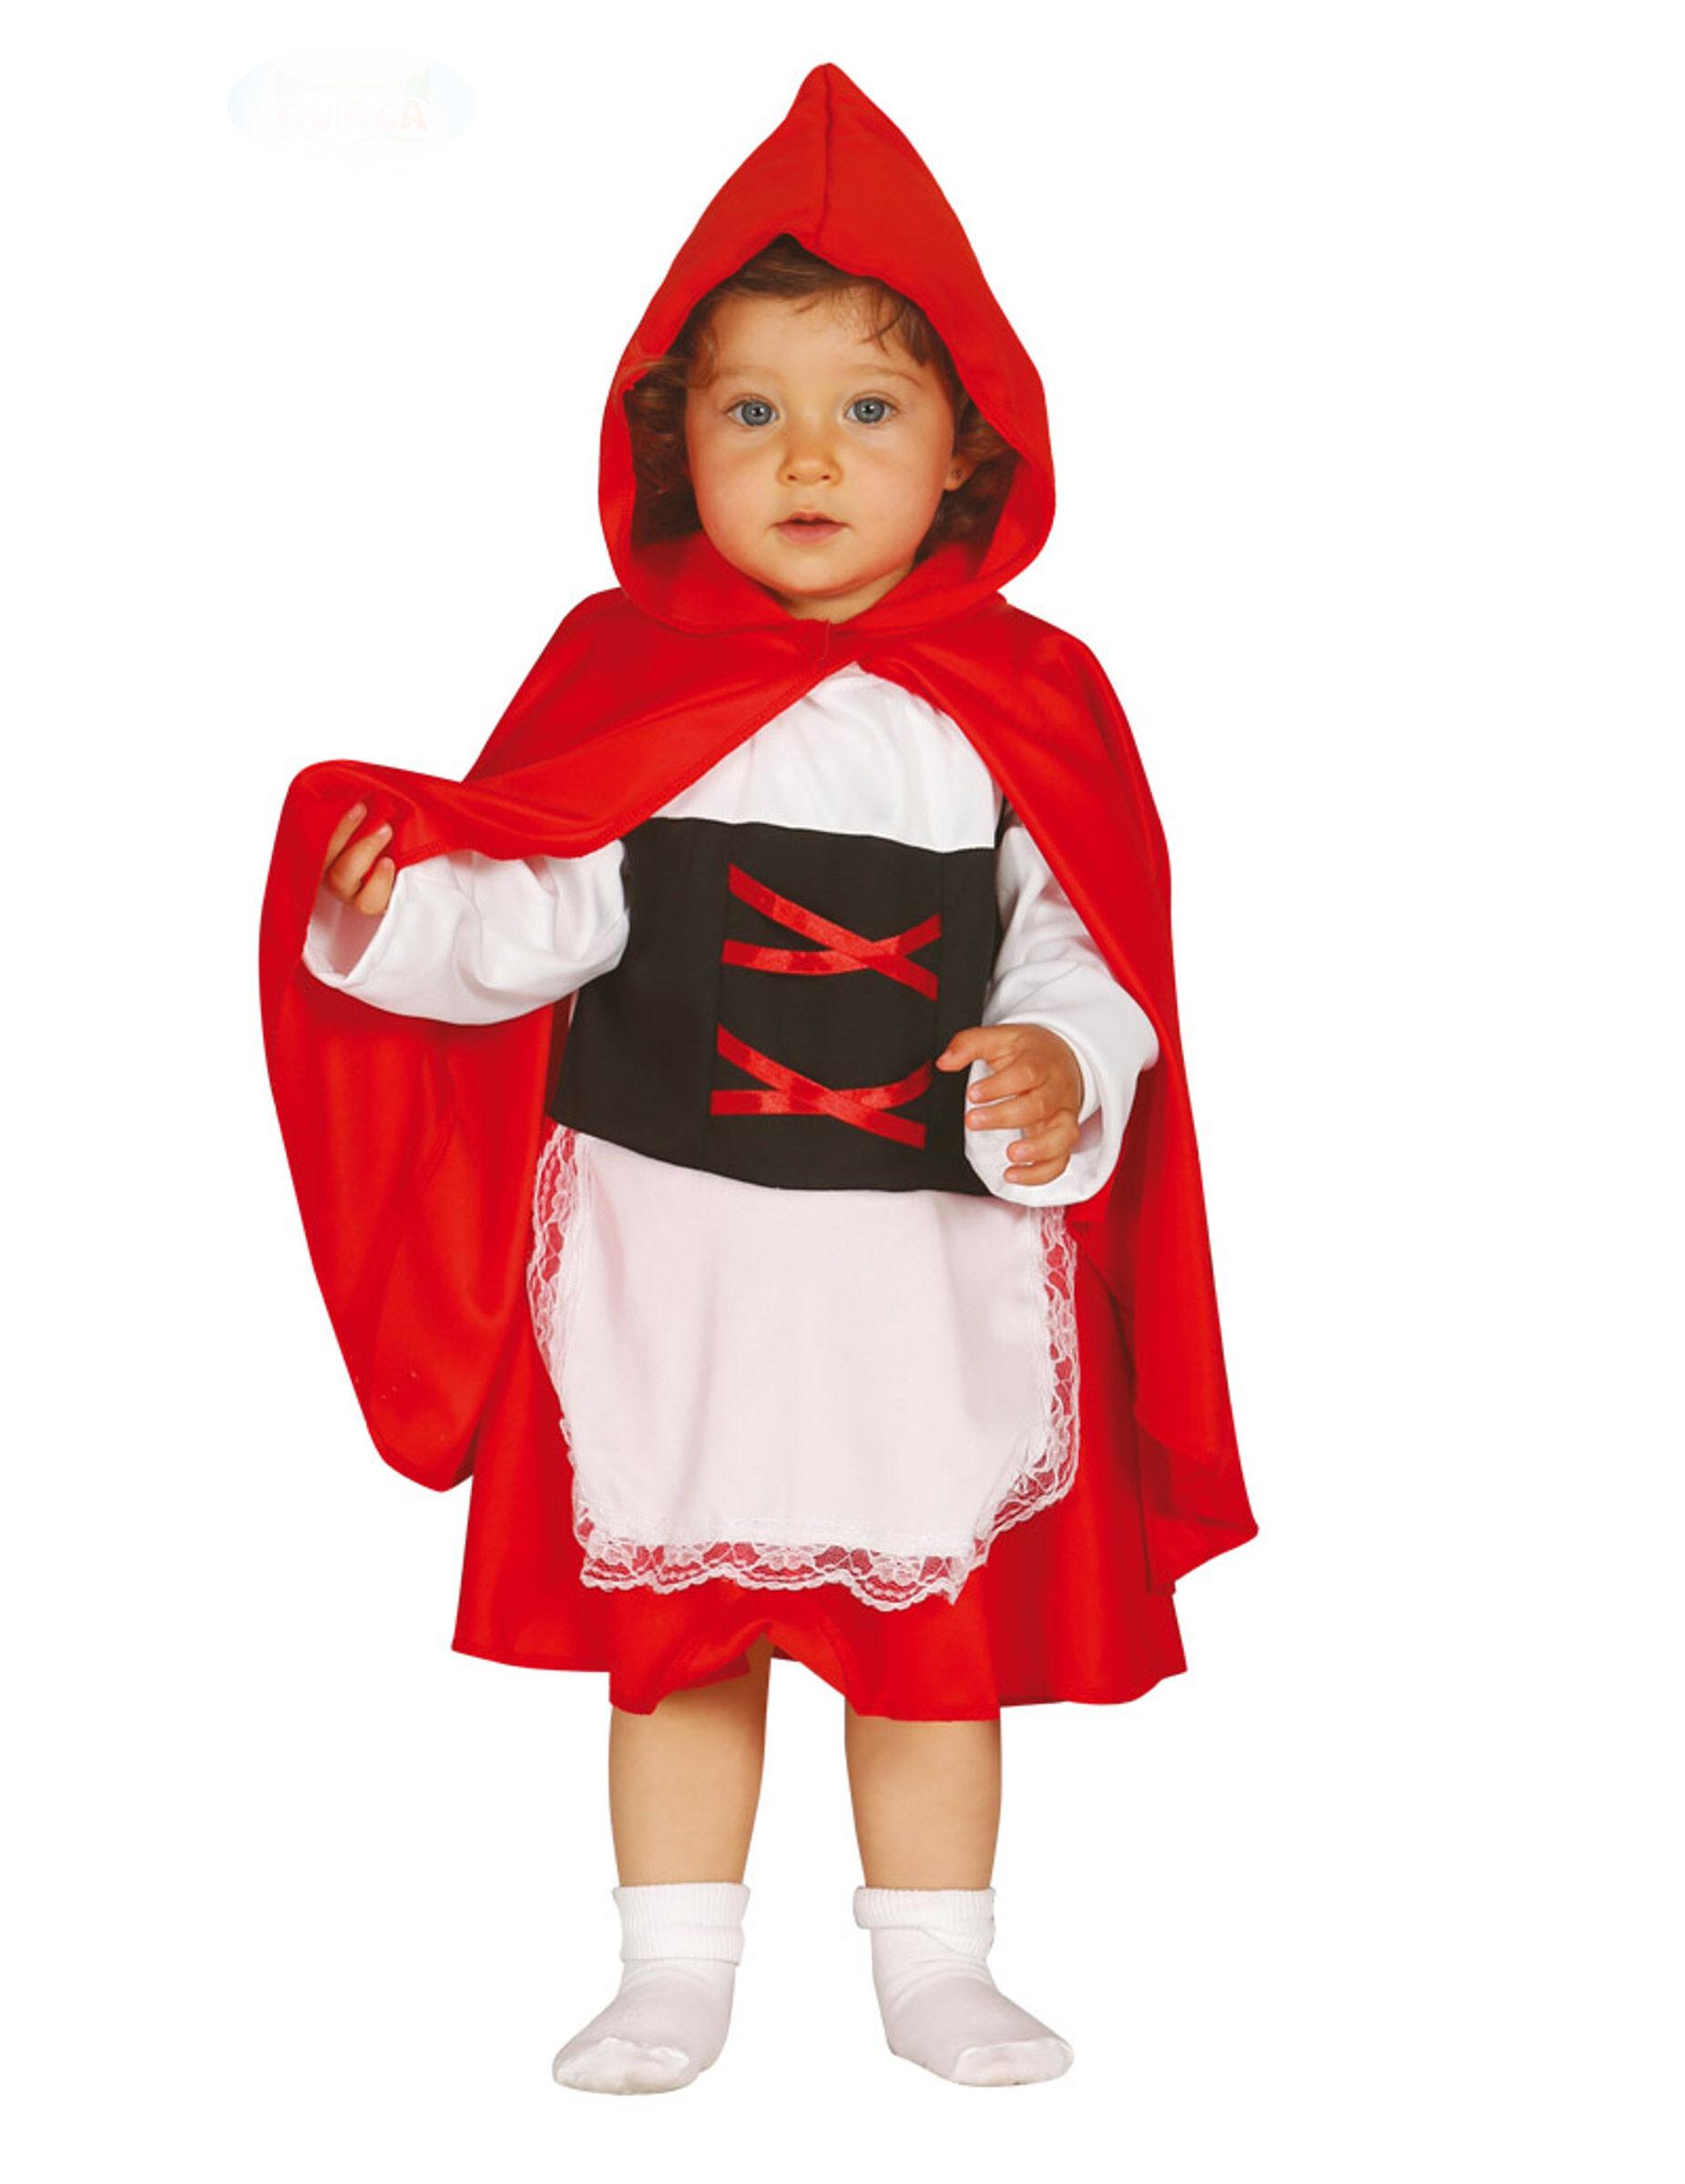 Deguisetoi Déguisement chaperon rouge bébé - Taille: 6 à 12 mois (82-83 cm)